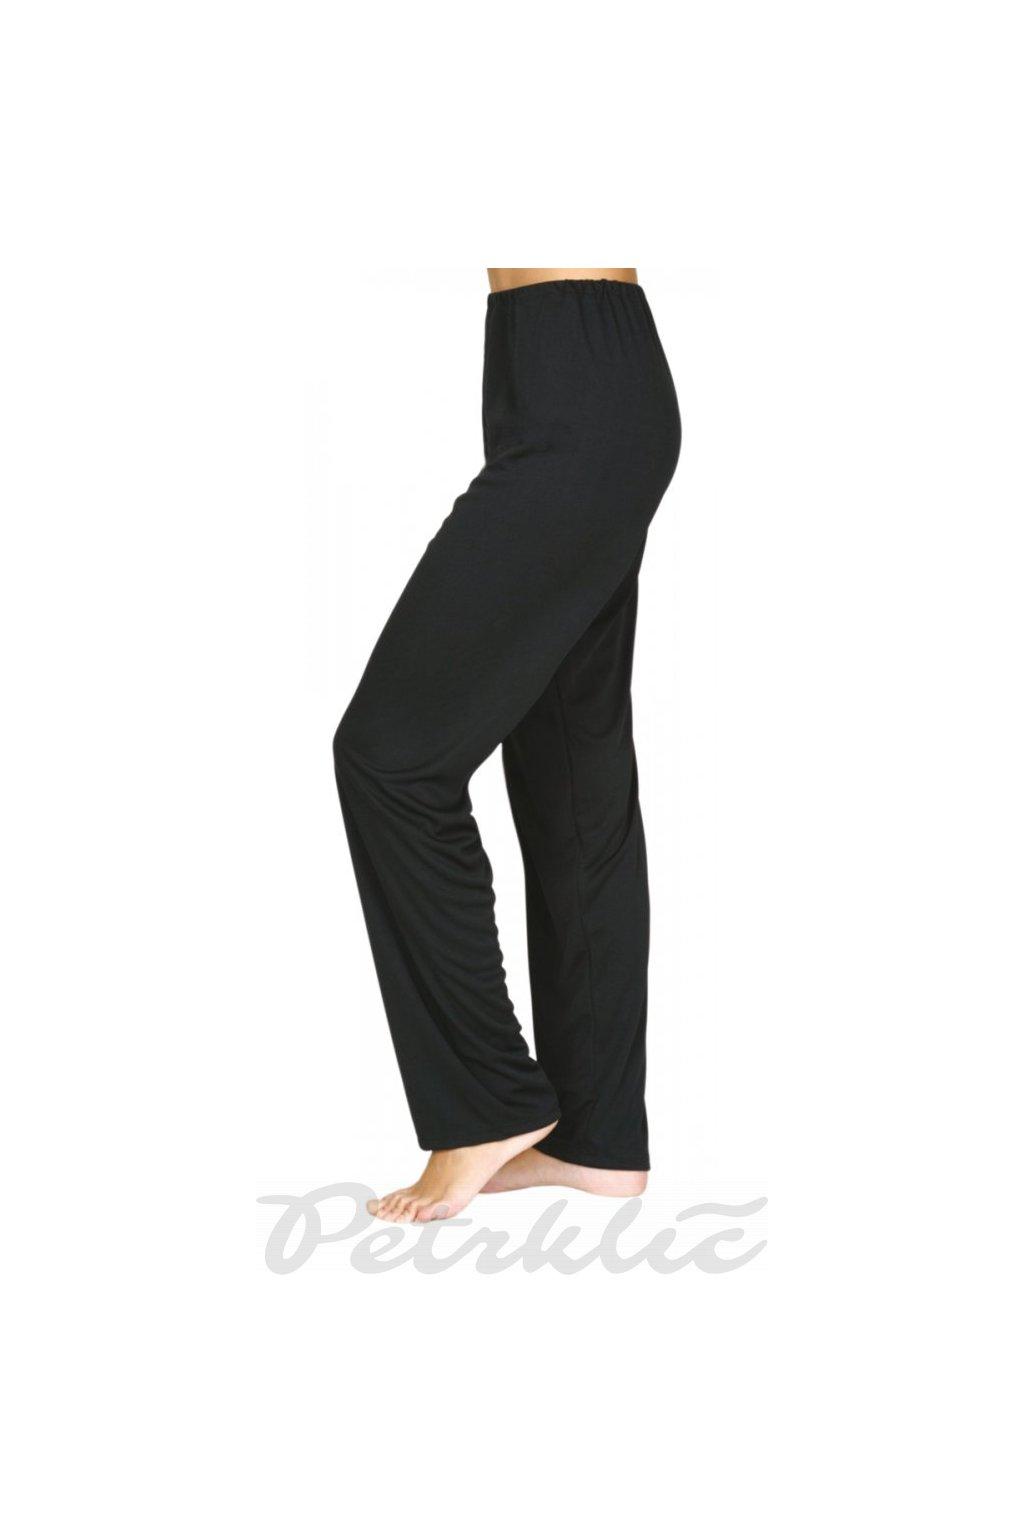 MILENA - kalhoty